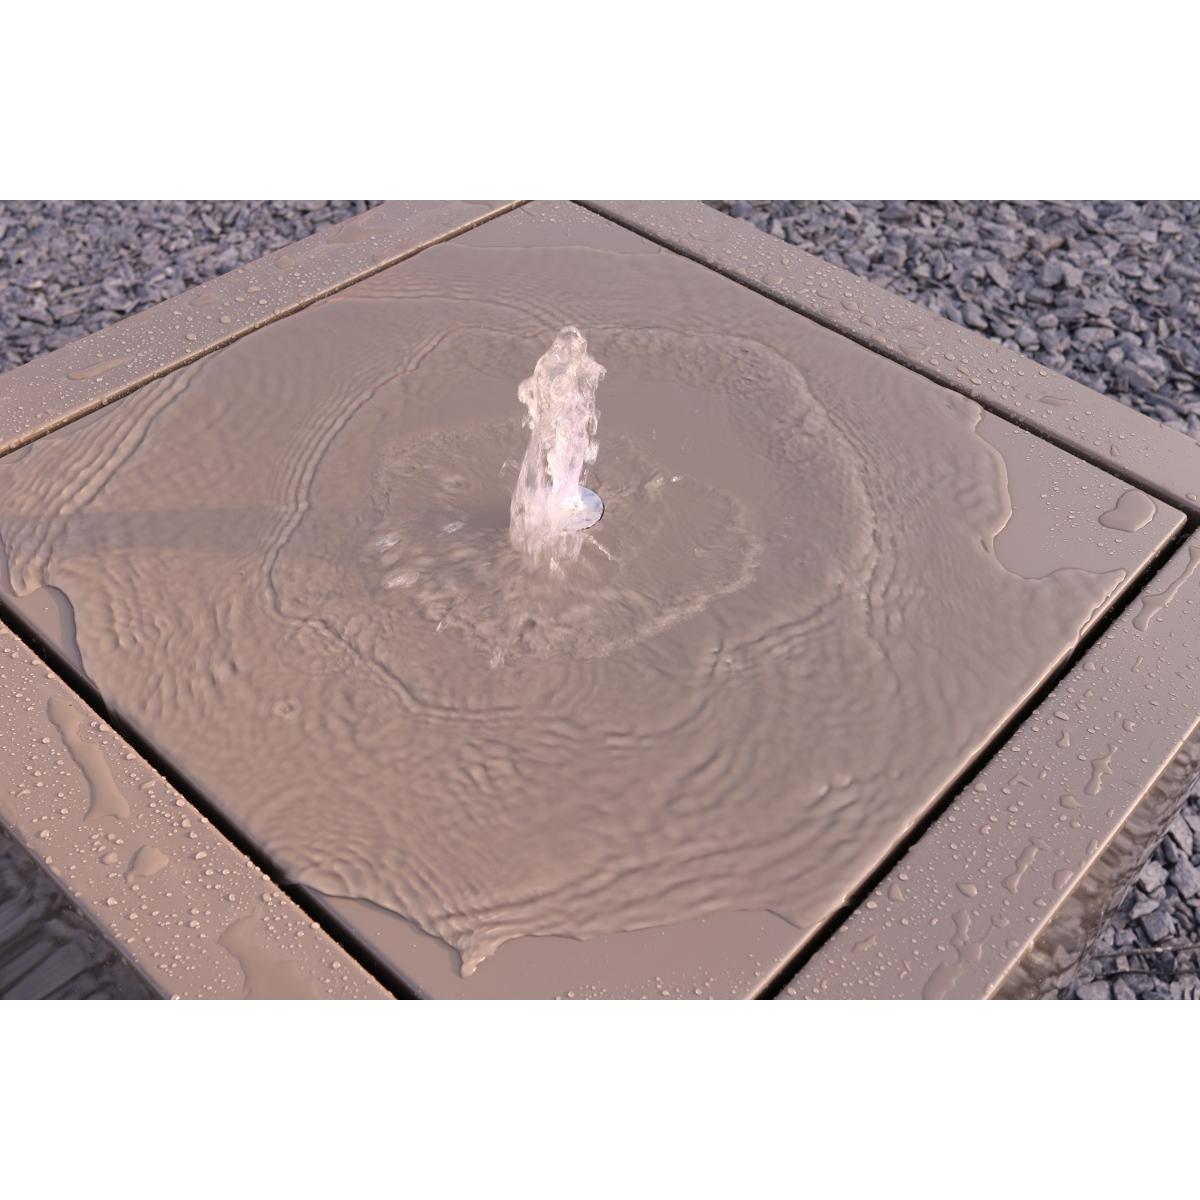 Meuble design belge fontaine kubik cr ation for Meuble design belge